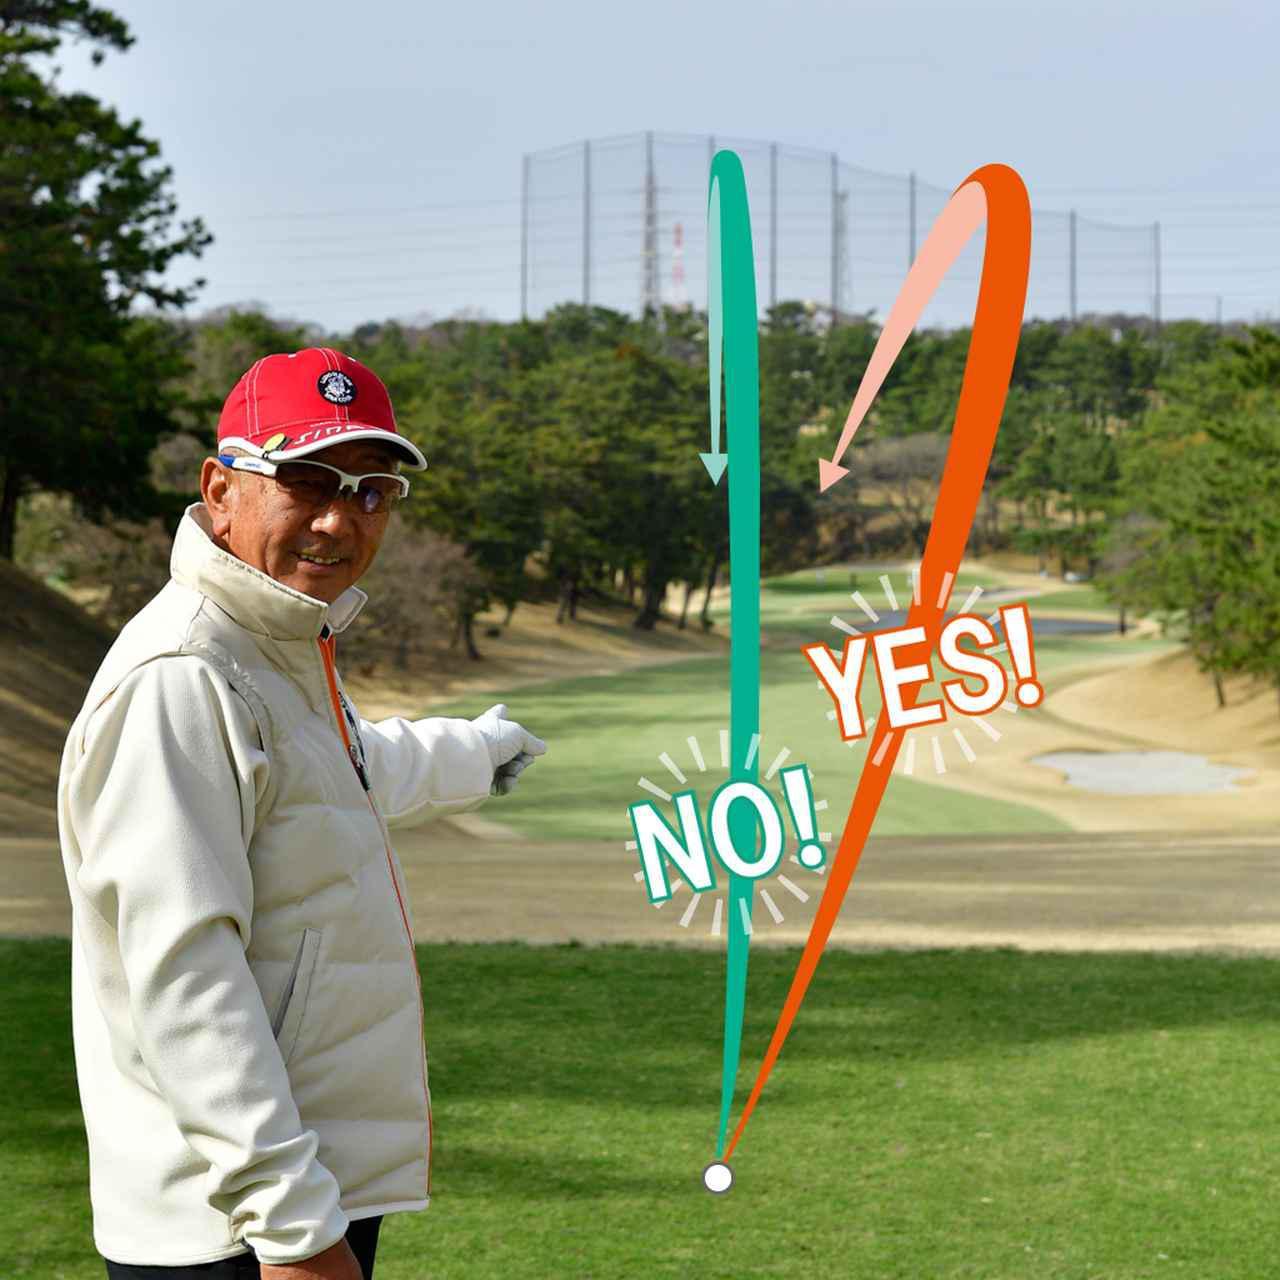 画像: 【解説】佐久間 馨 さくまかおる。誰でもパープレーで回れる『Sスウィング』を提唱。頭脳を武器にスコアをまとめる『本番力』を指南してくれる。2010年レッスン・オブ・ザ・イヤー。ゴルフ科学研究所主宰。